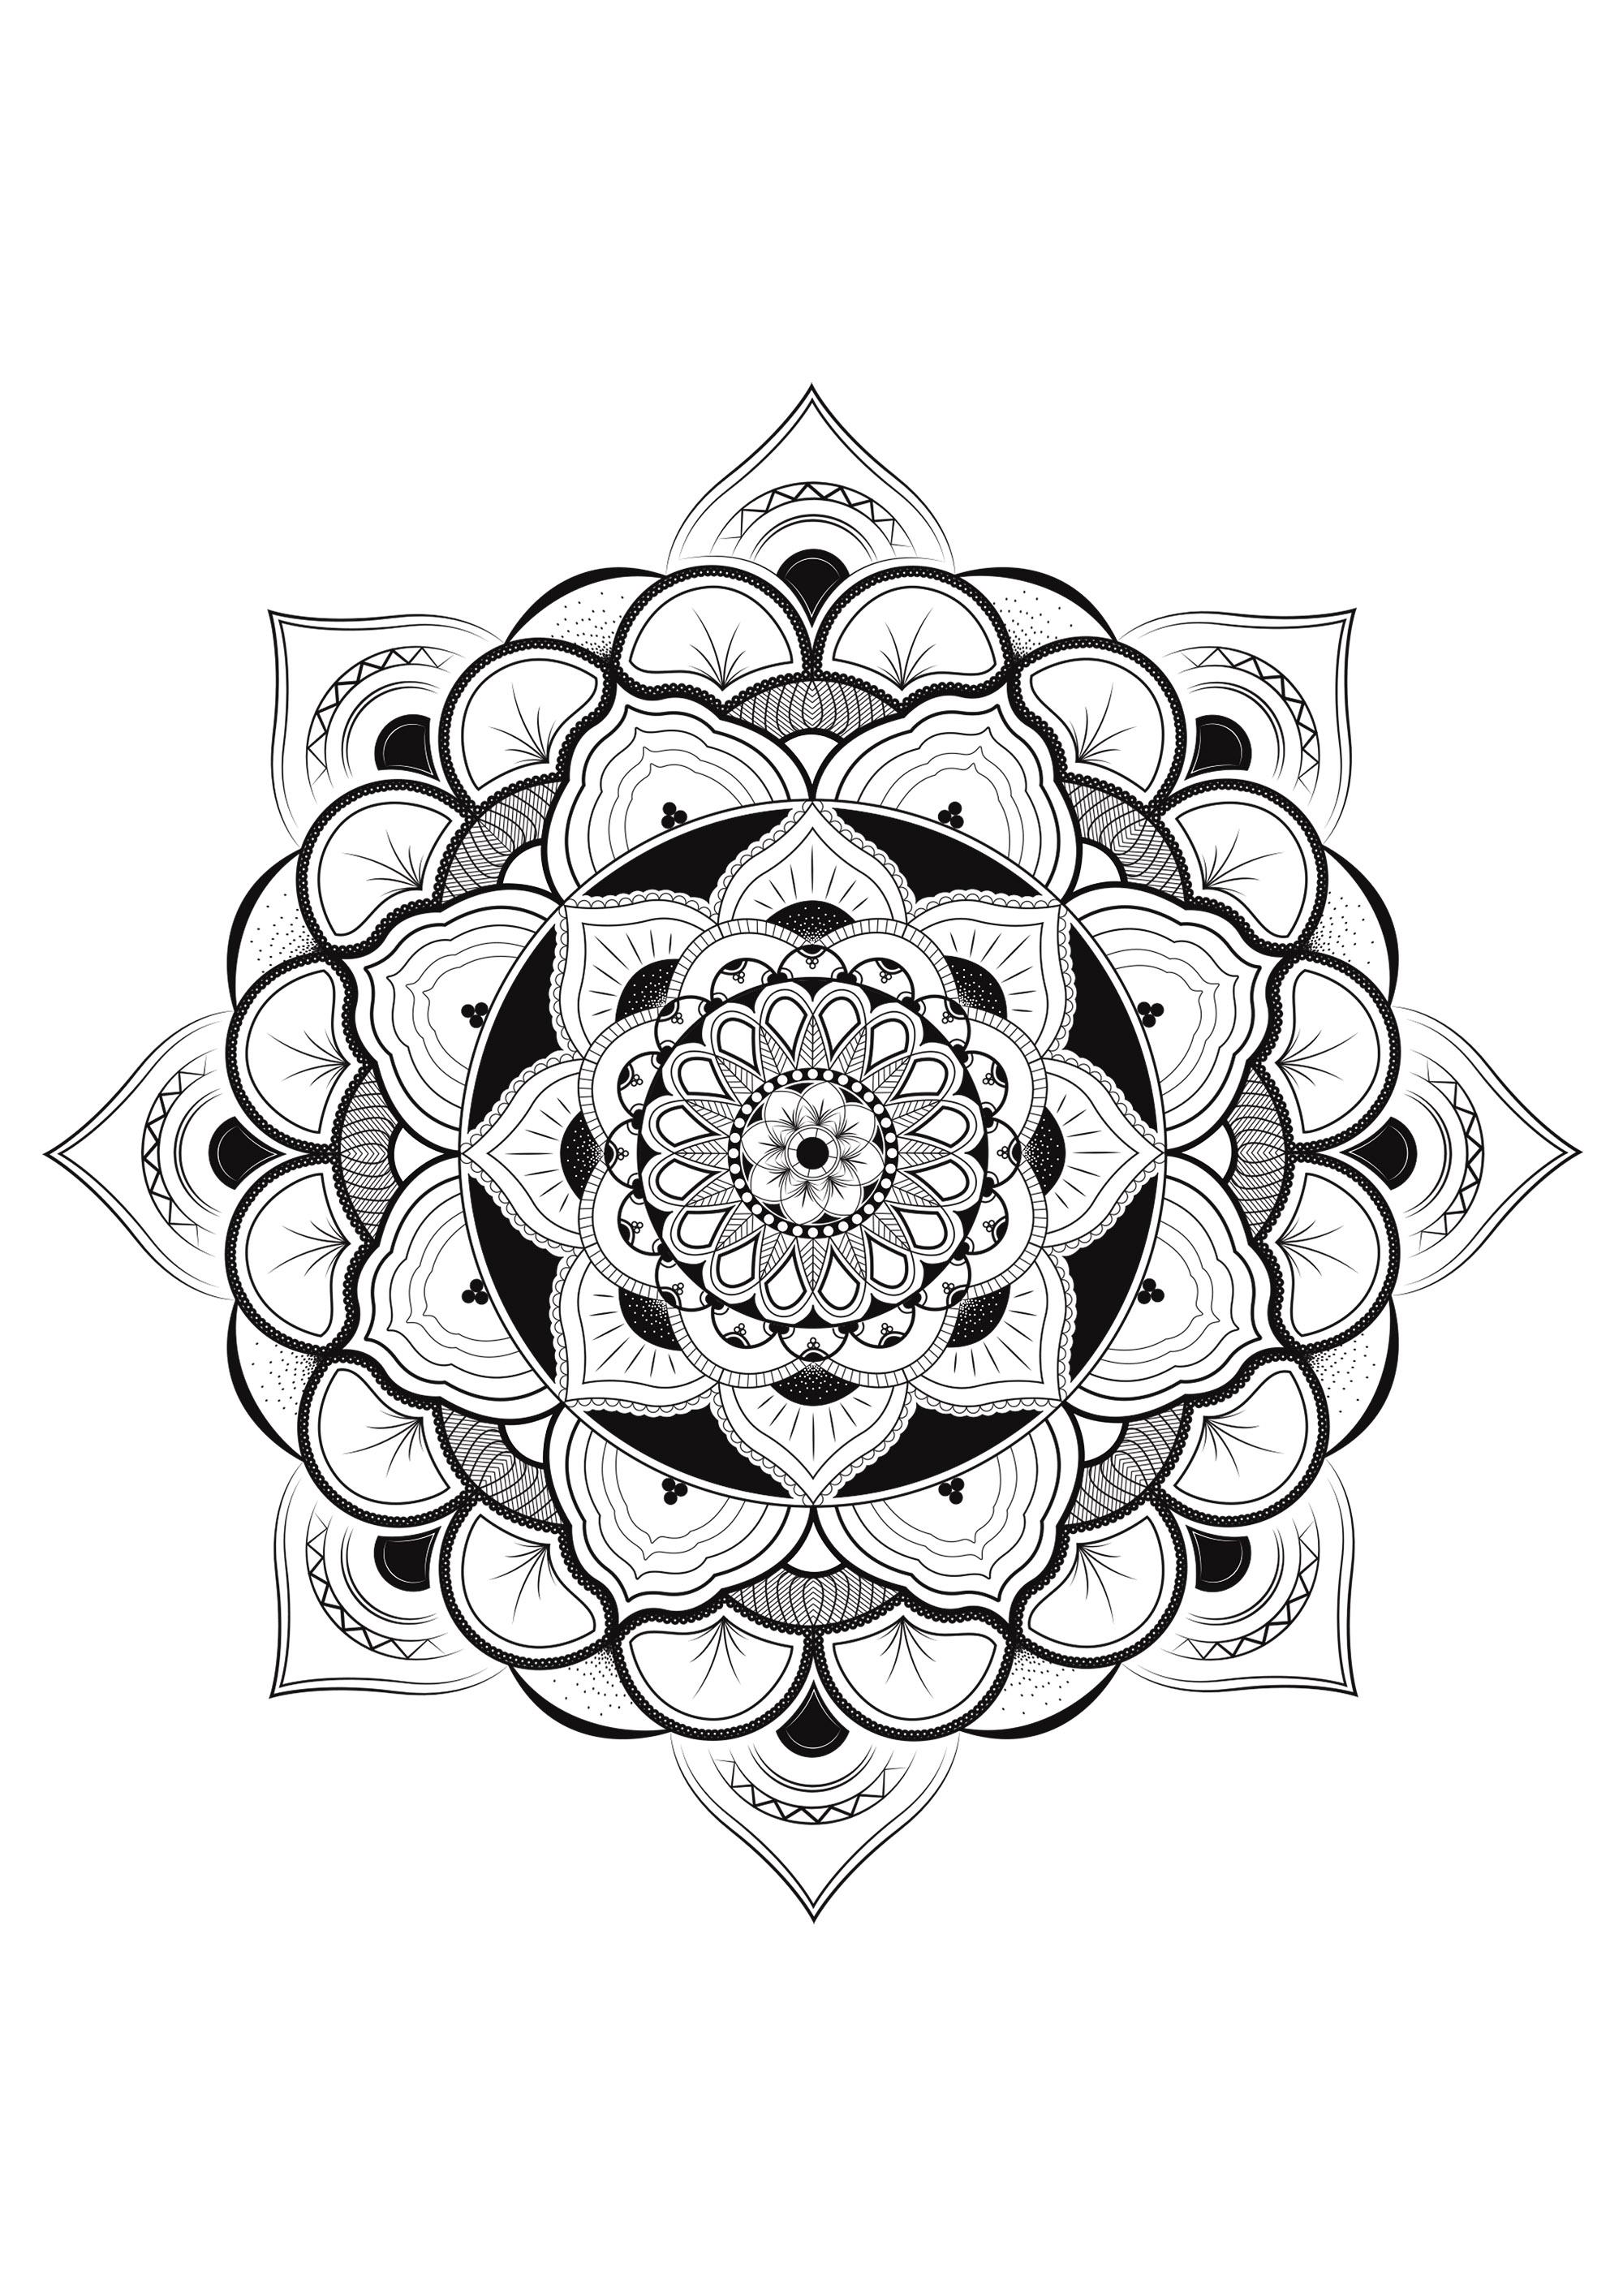 Disegni da colorare per adulti : Mandalas - 127